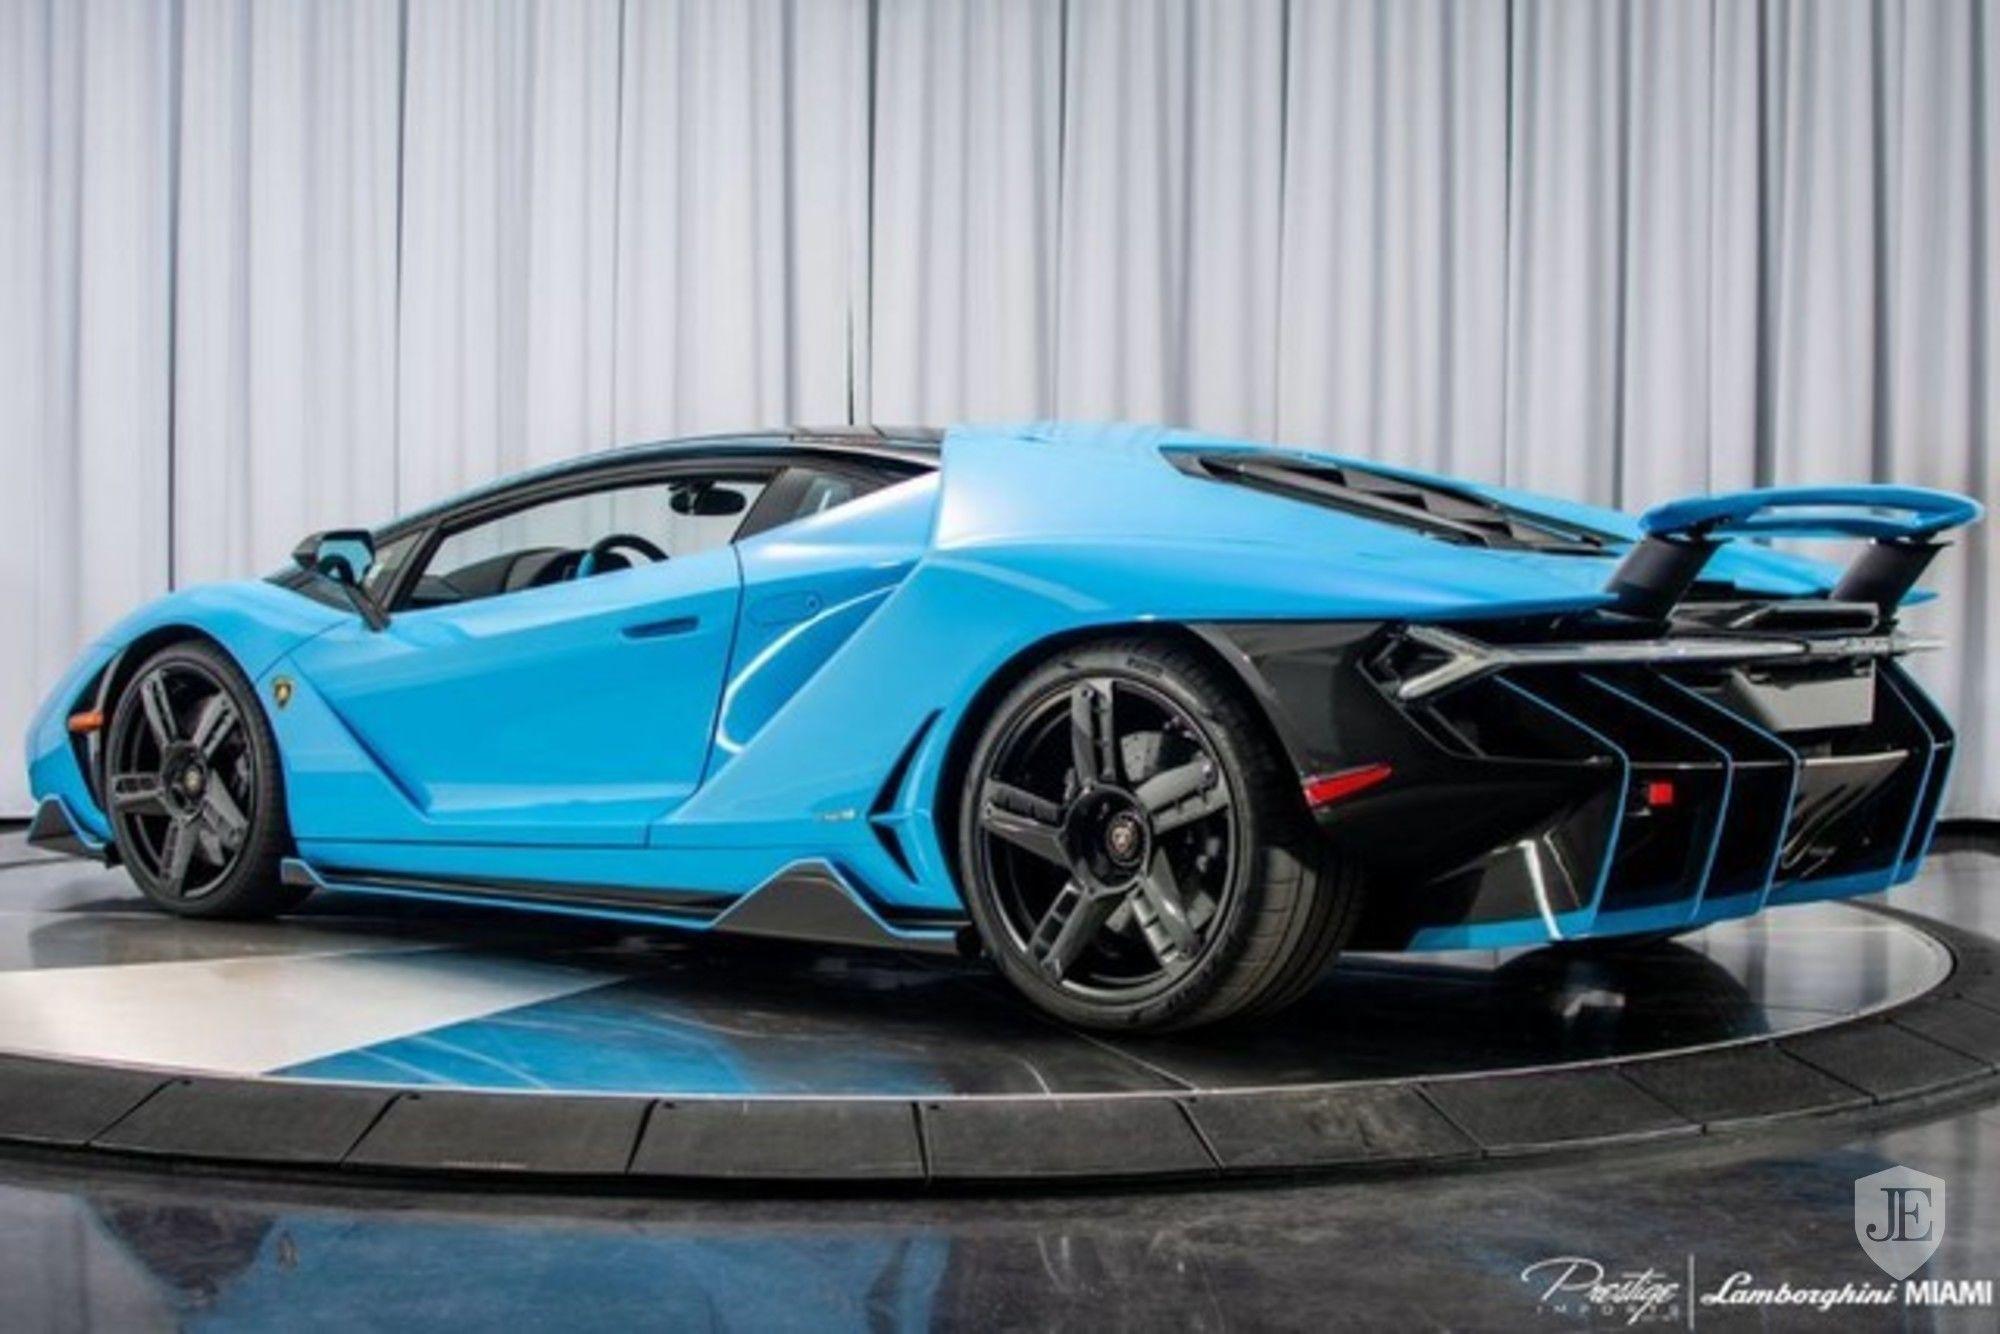 2017 Lamborghini Centenario In North Miami Beach Fl United States